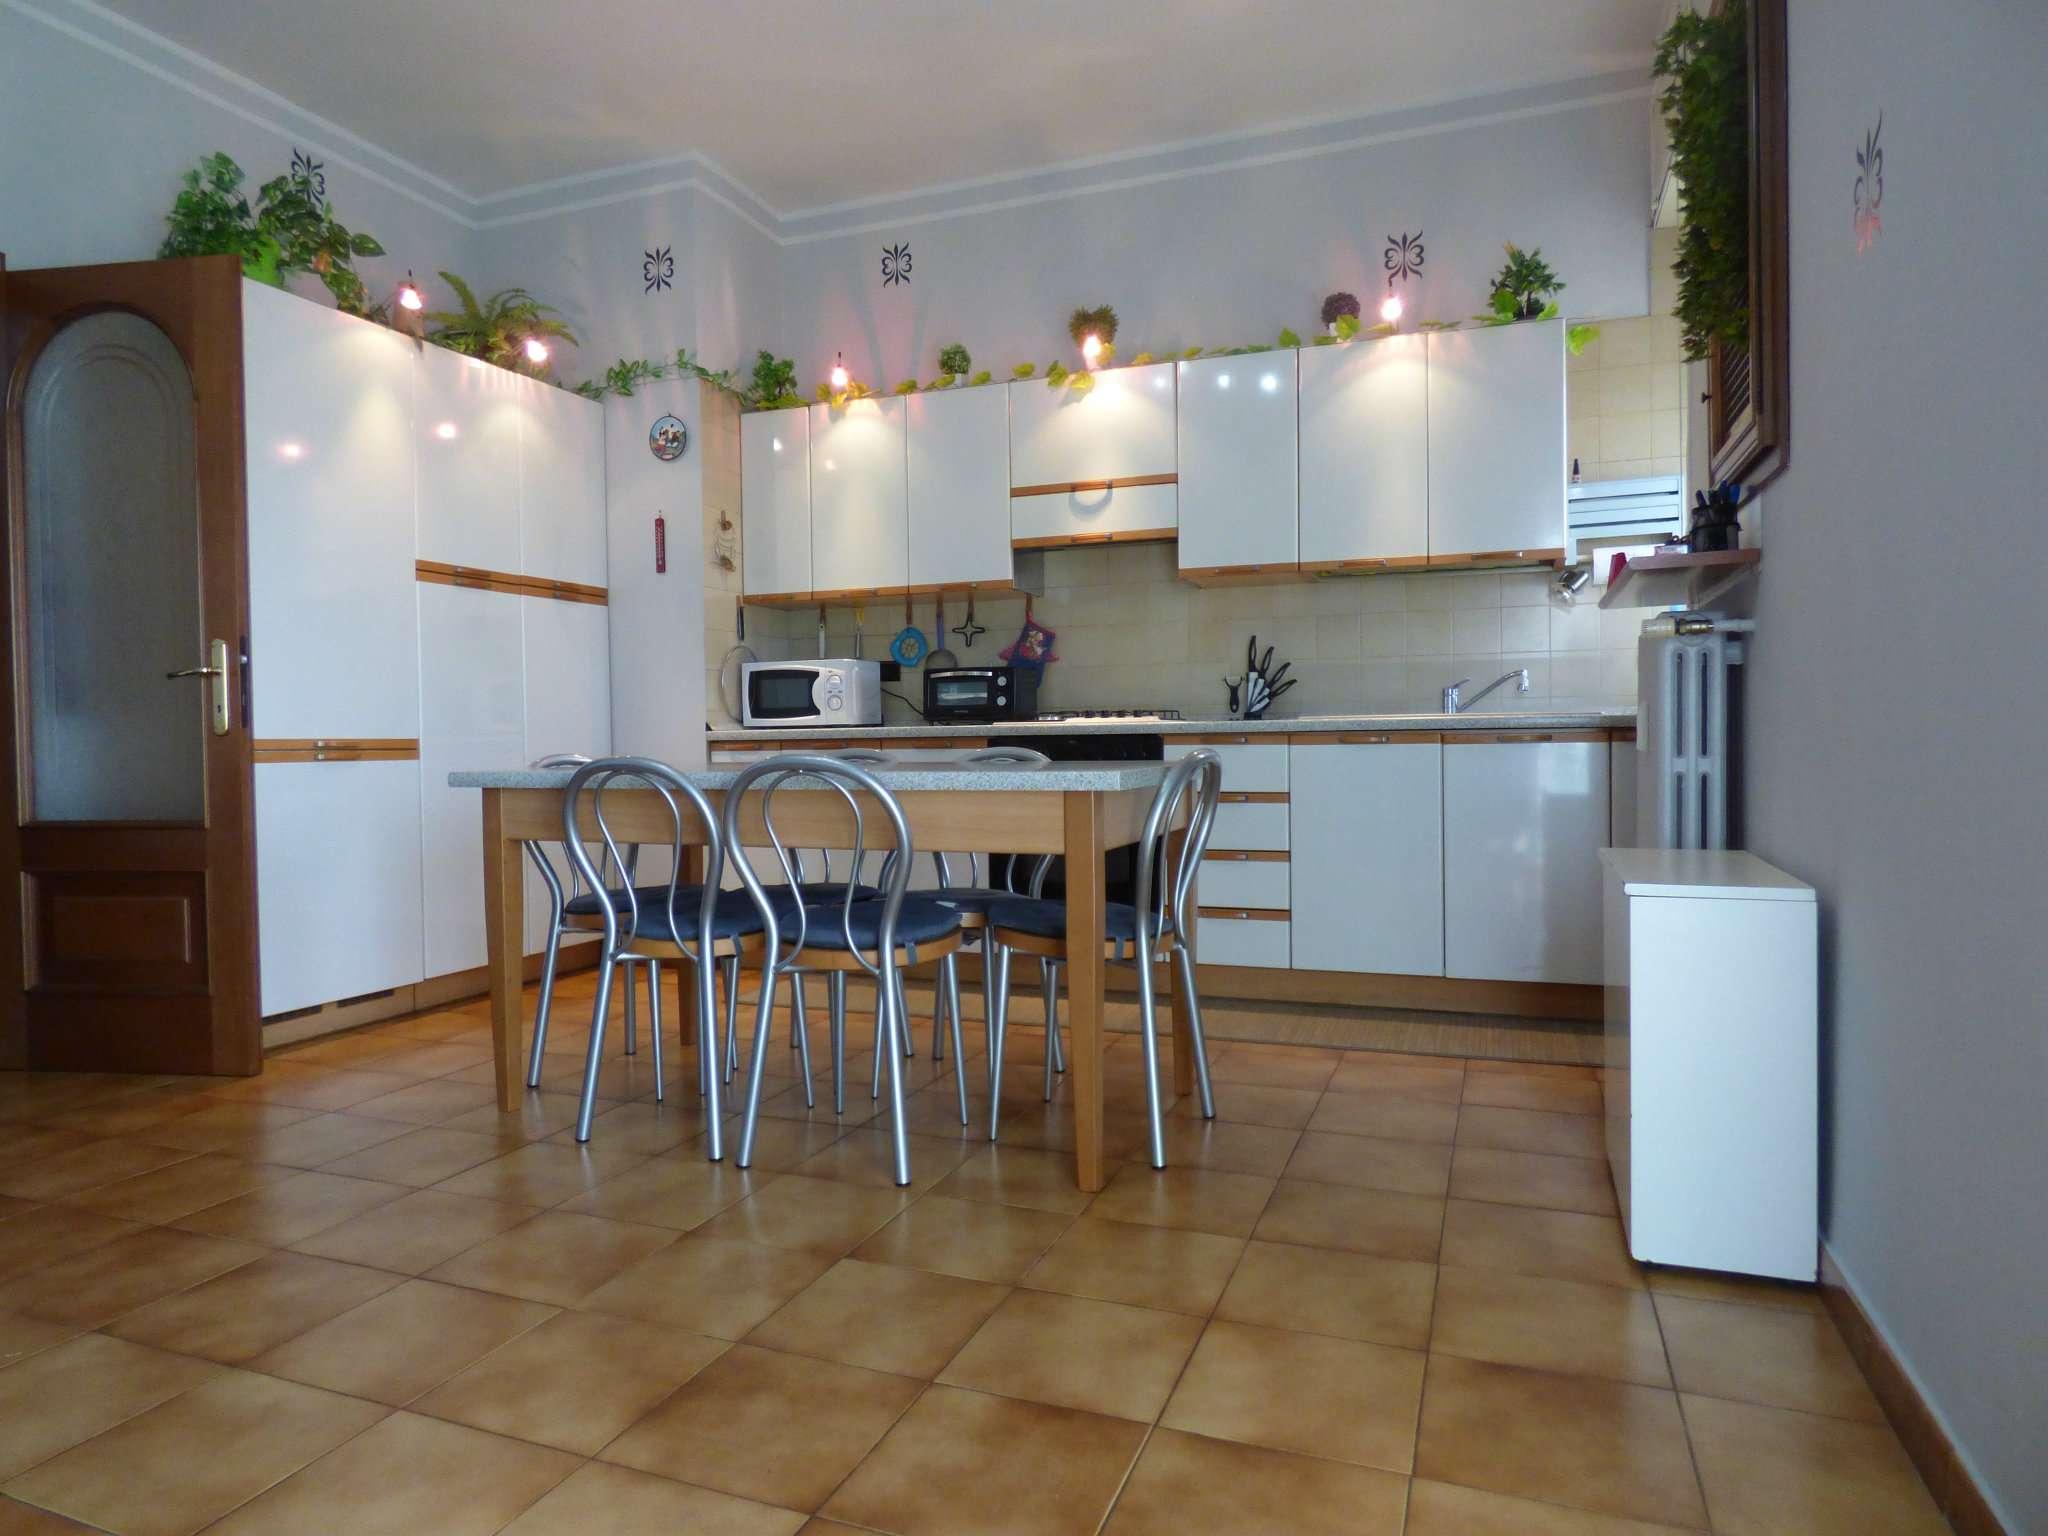 Appartamento in vendita a Mappano, 3 locali, prezzo € 120.000 | PortaleAgenzieImmobiliari.it